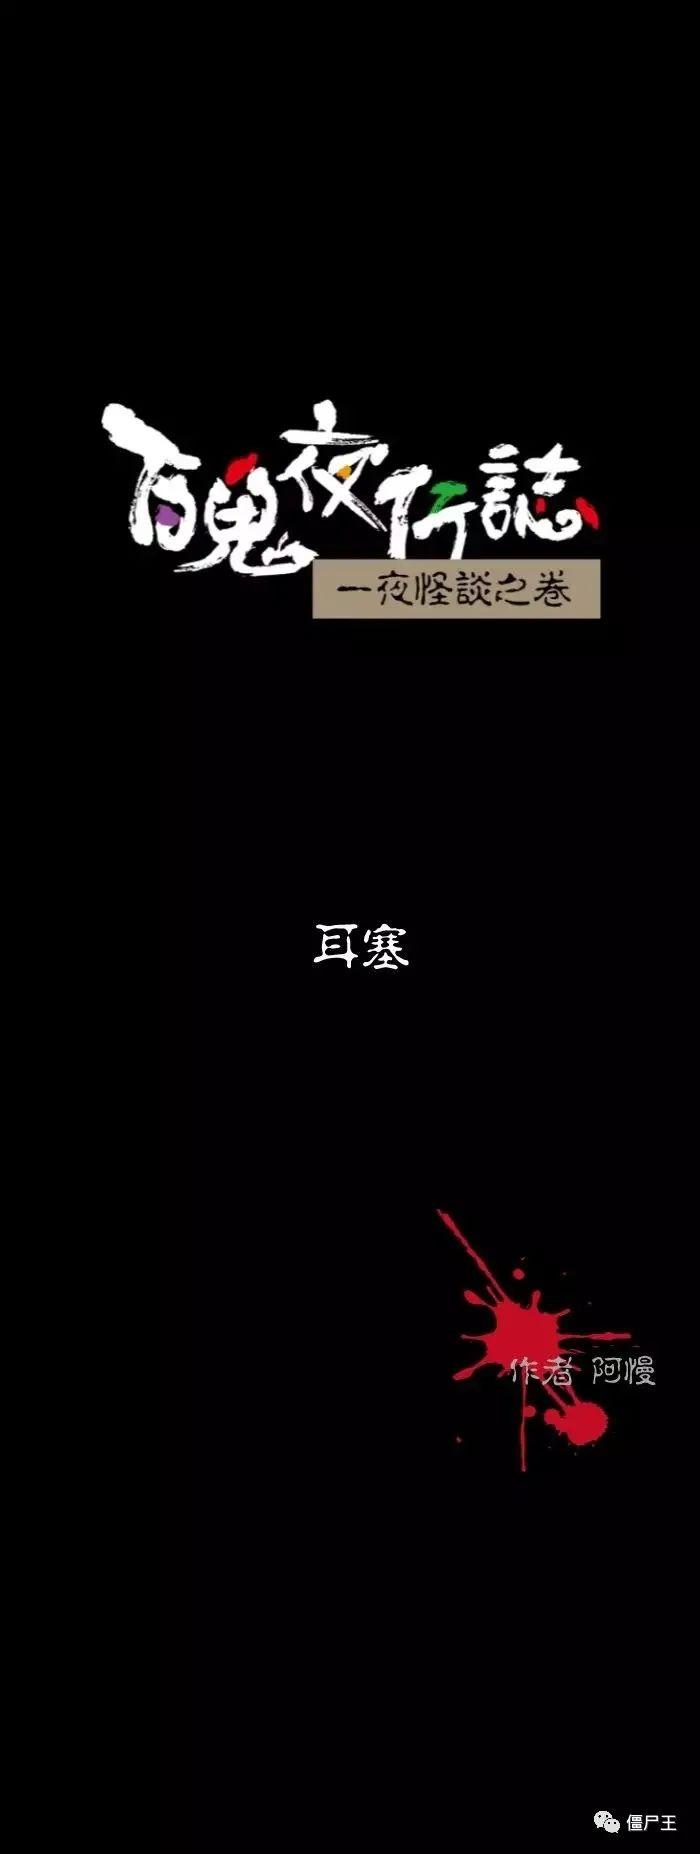 僵尸王漫画:百鬼夜行记之耳塞